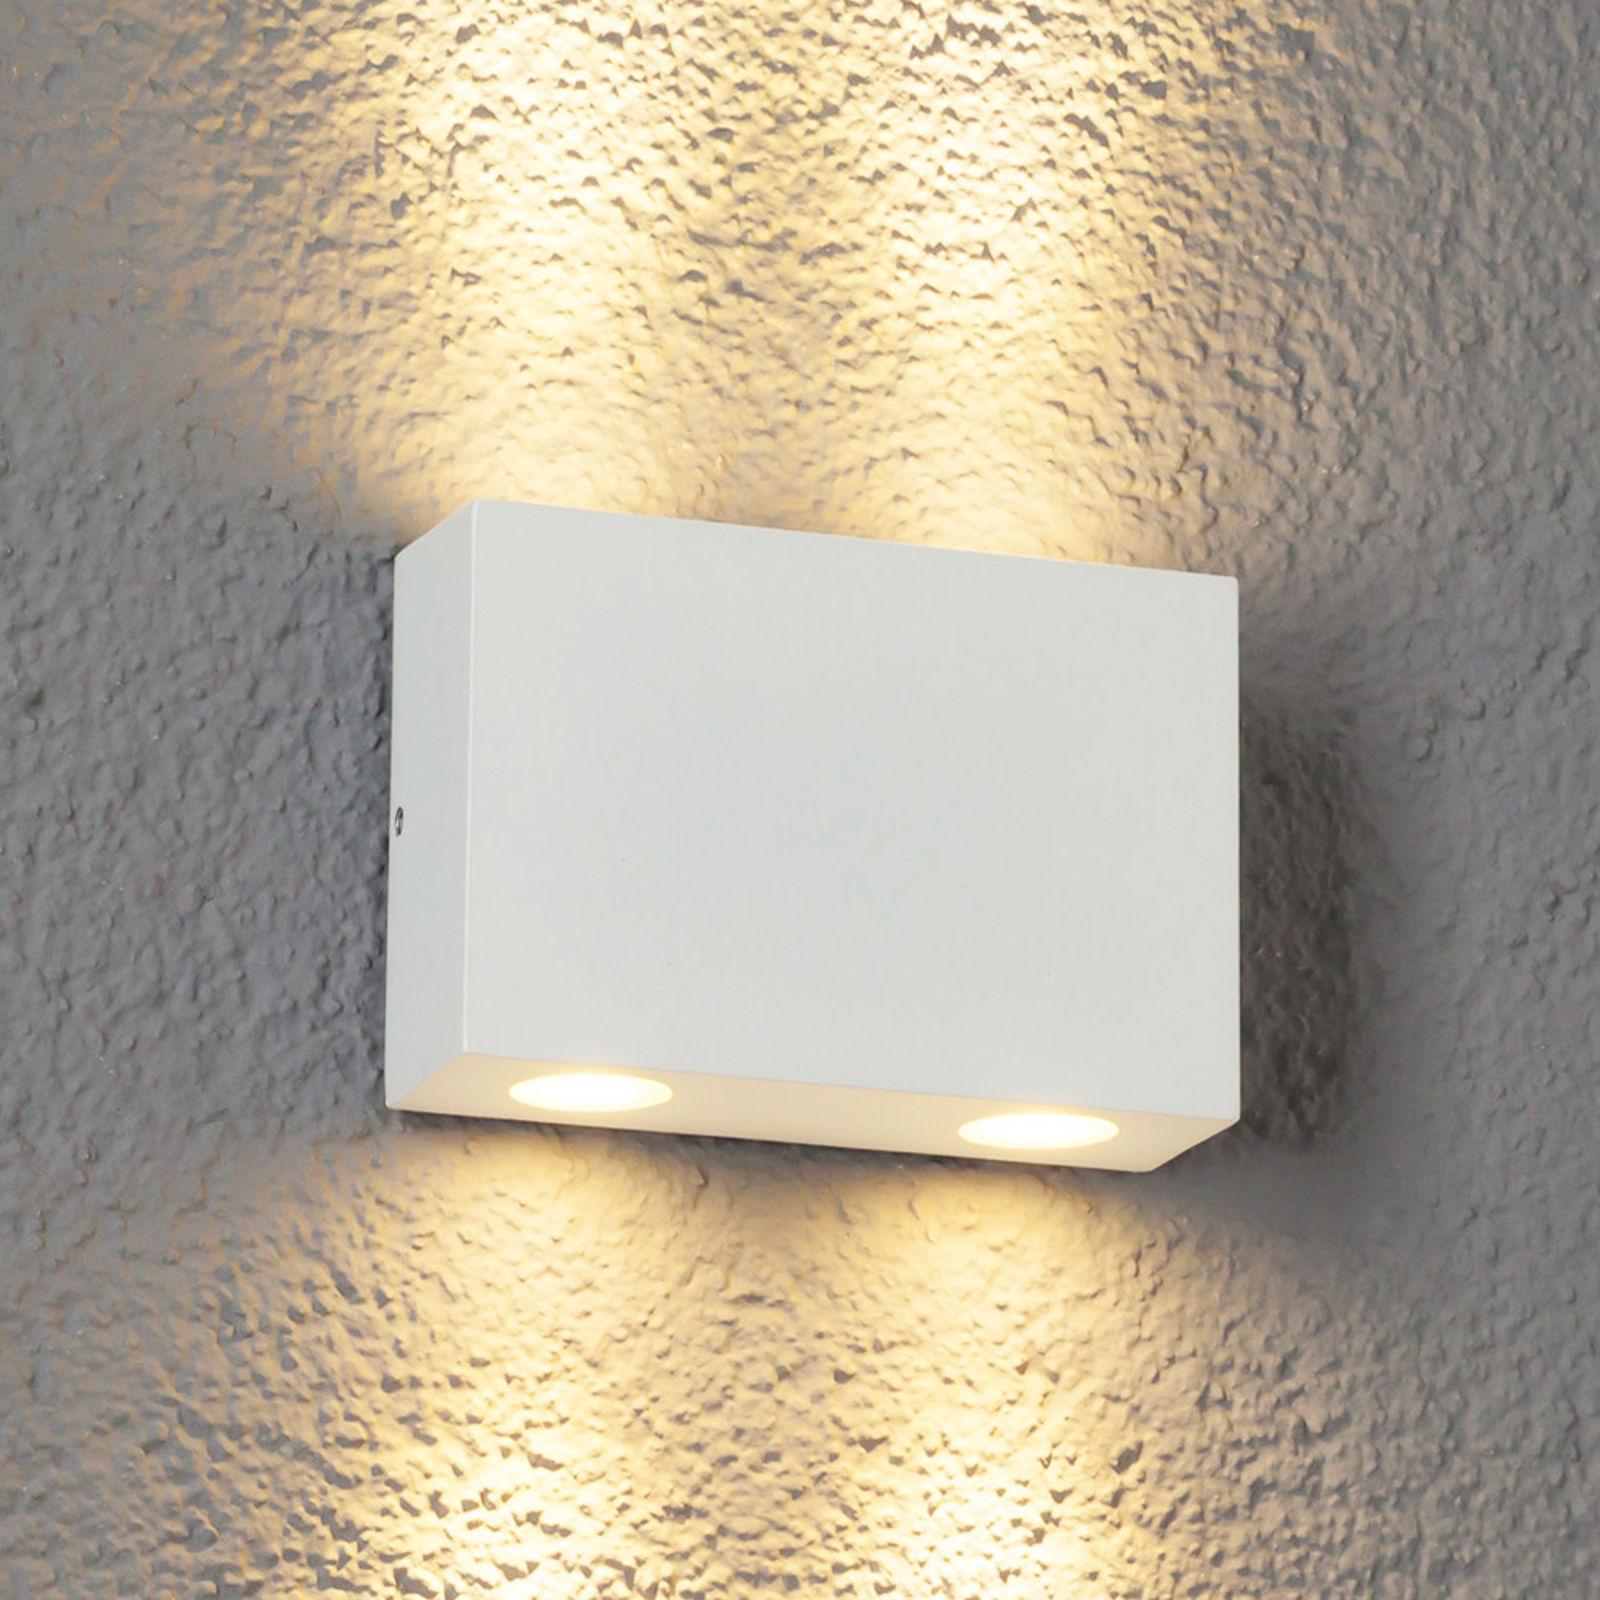 4-pkt. zewnętrzna lampa ścienna LED HENOR, biała